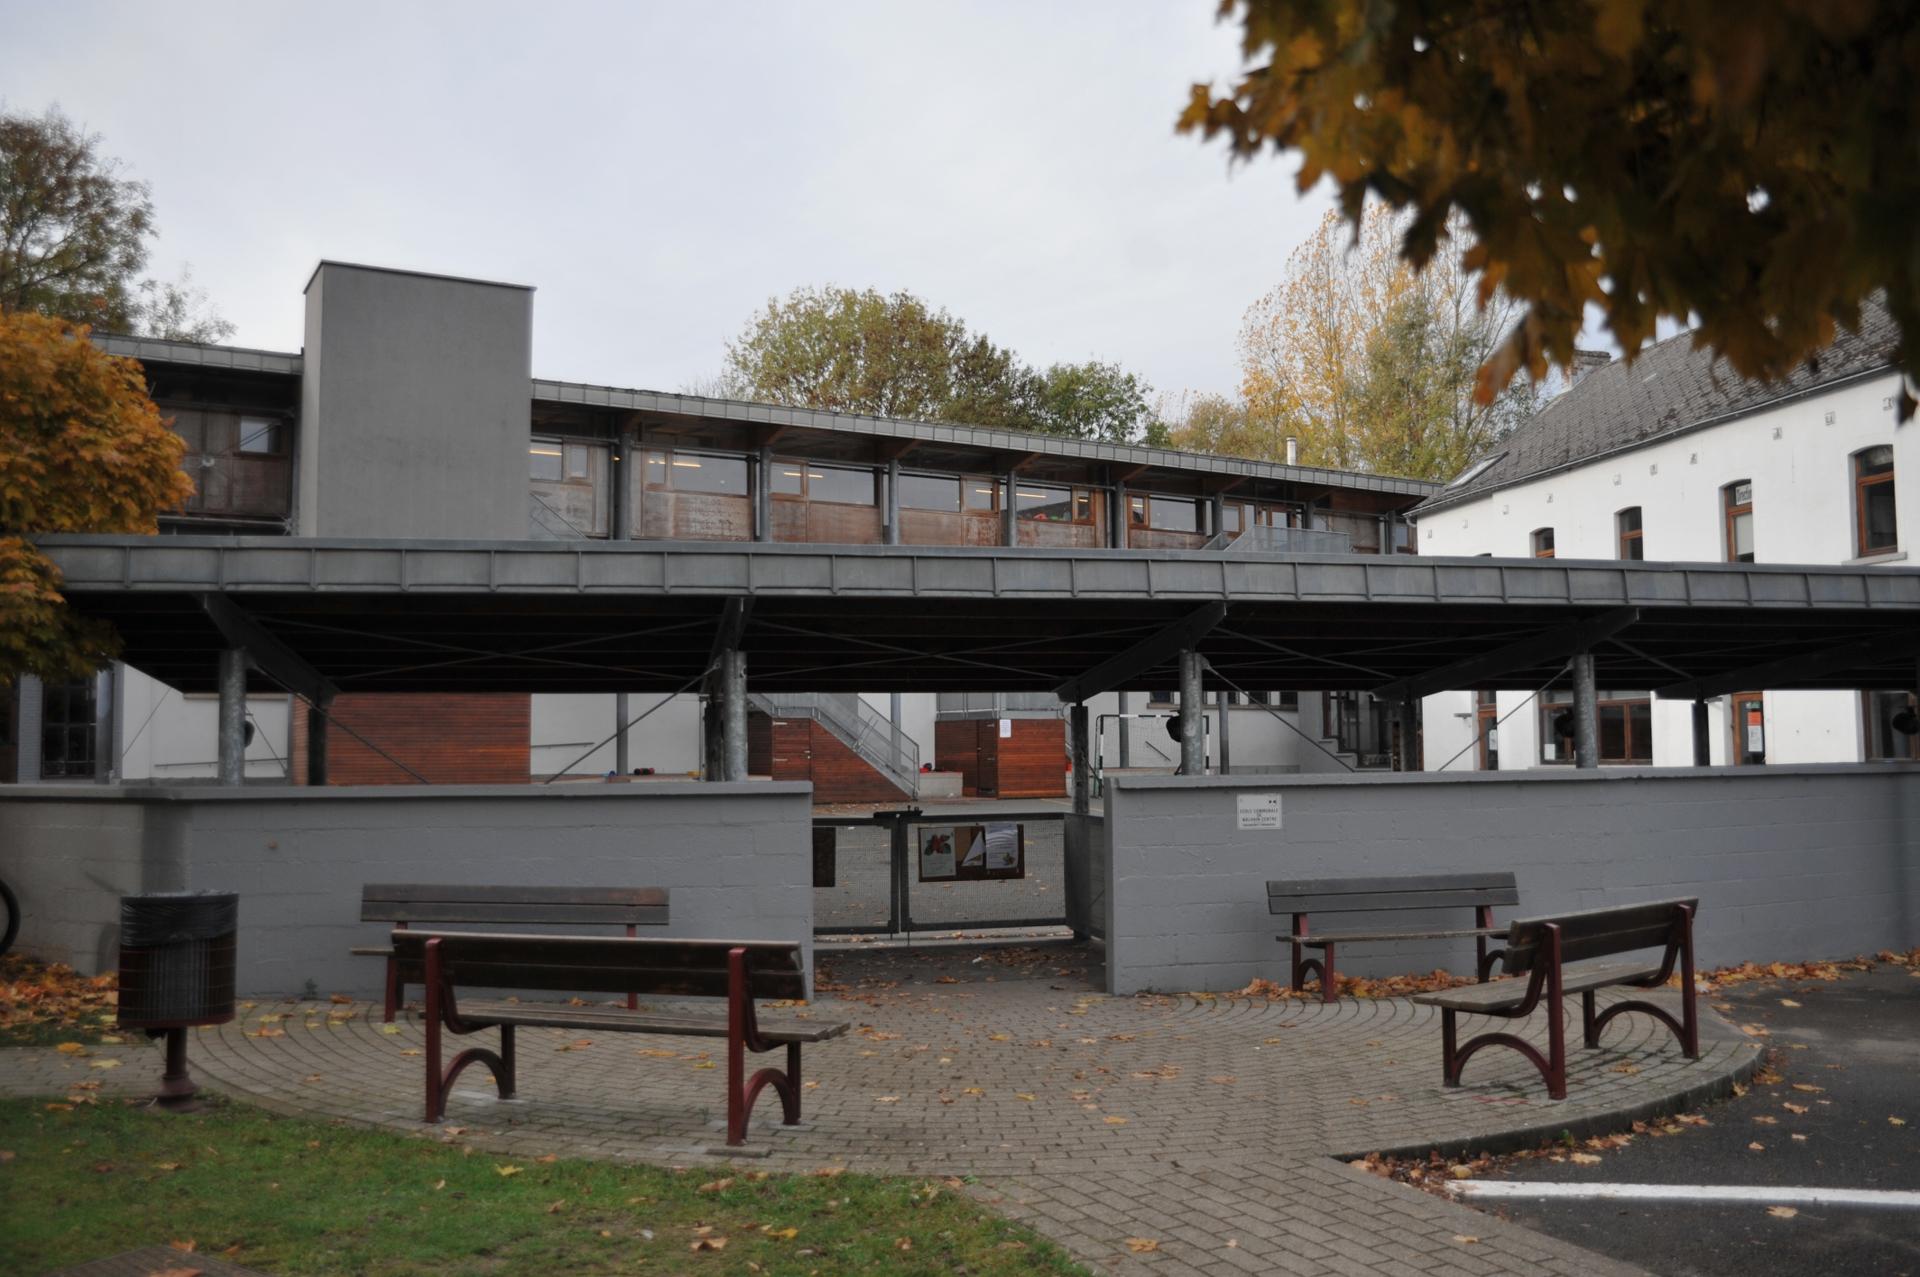 Association des parents de l'école de Walhain-centre